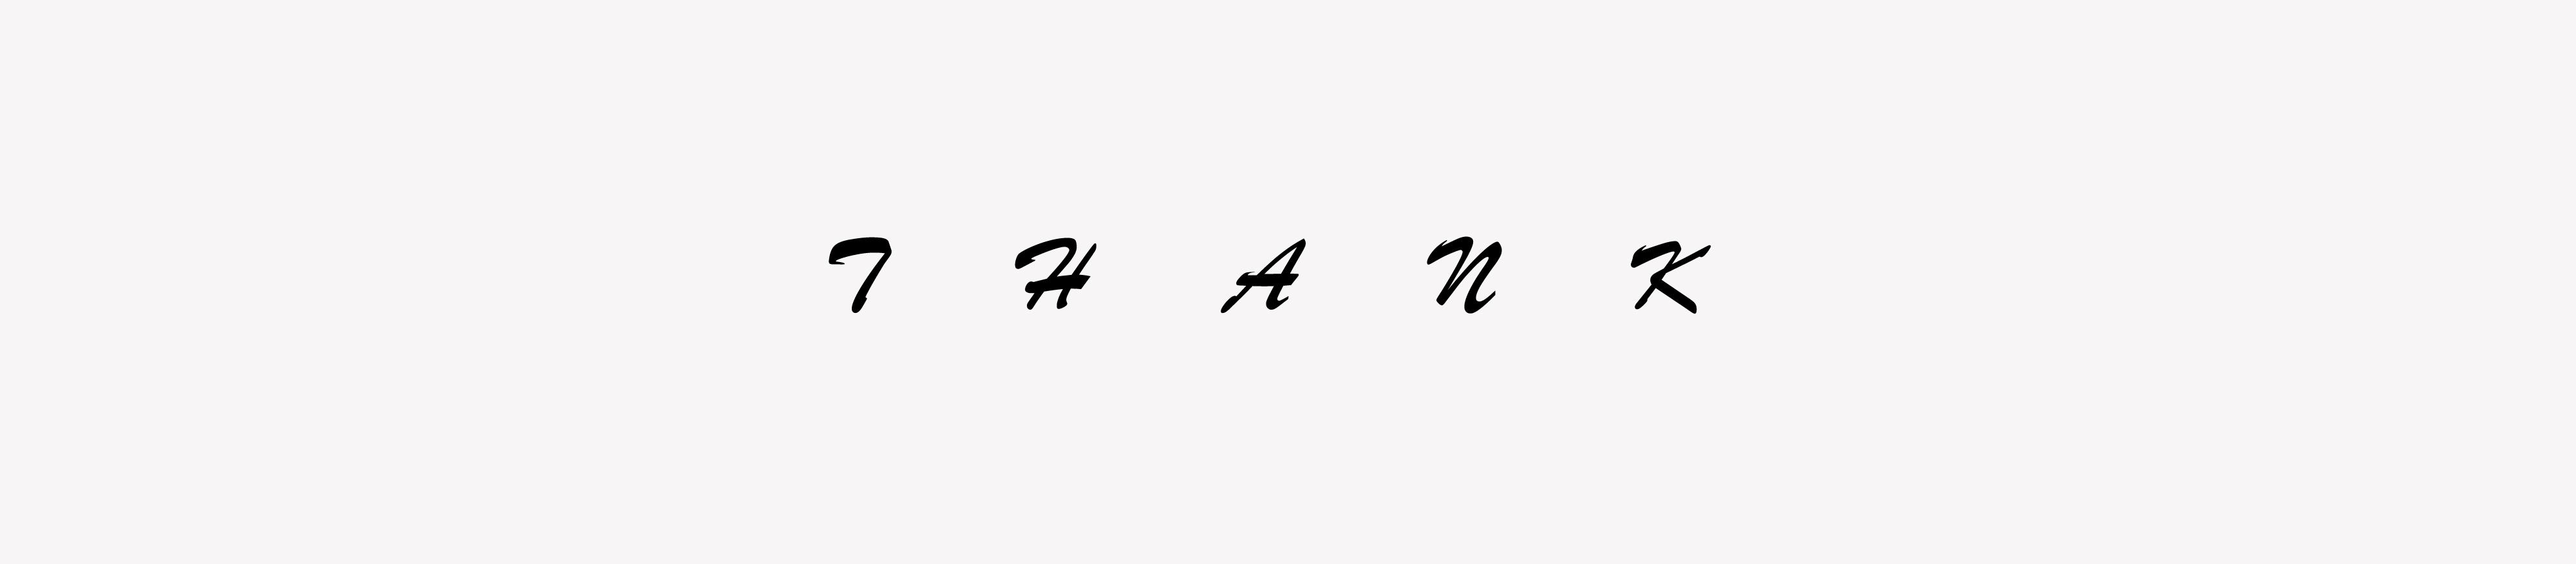 「 标志 」 0 4